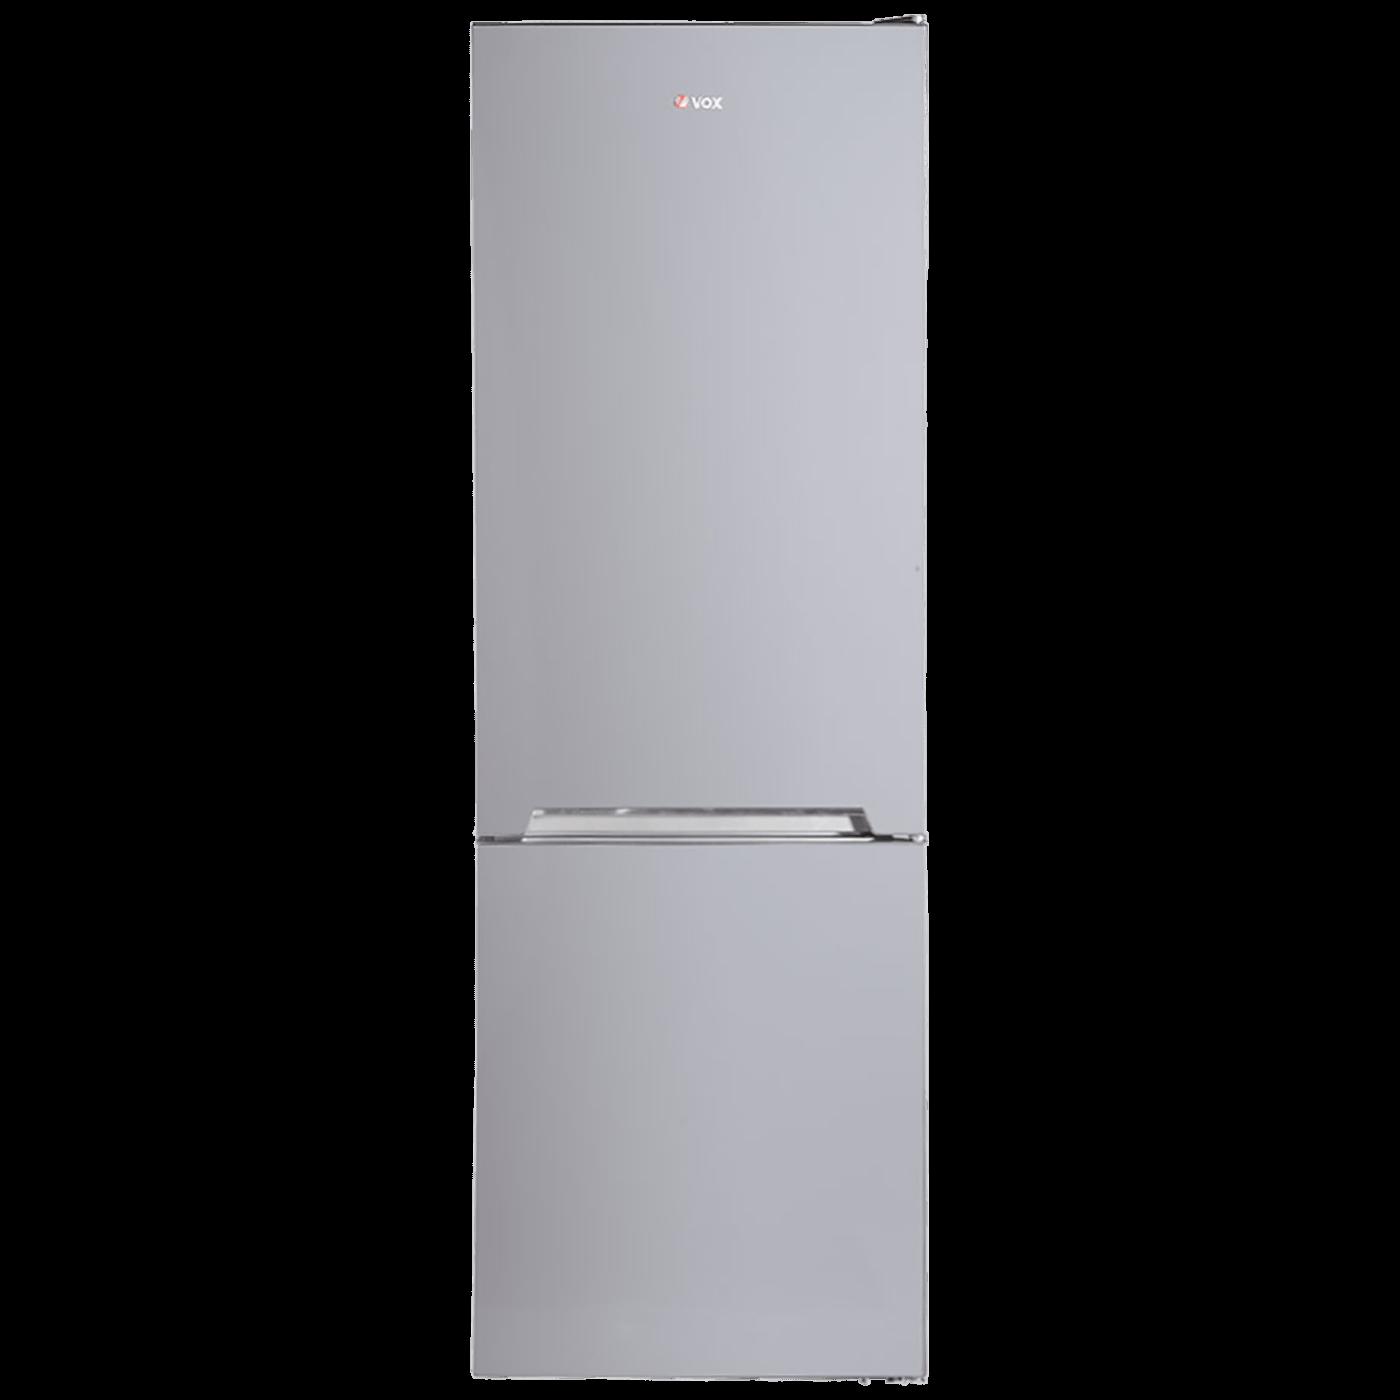 Frižider/zamrzivač, brutto zapremina 379 lit., A+